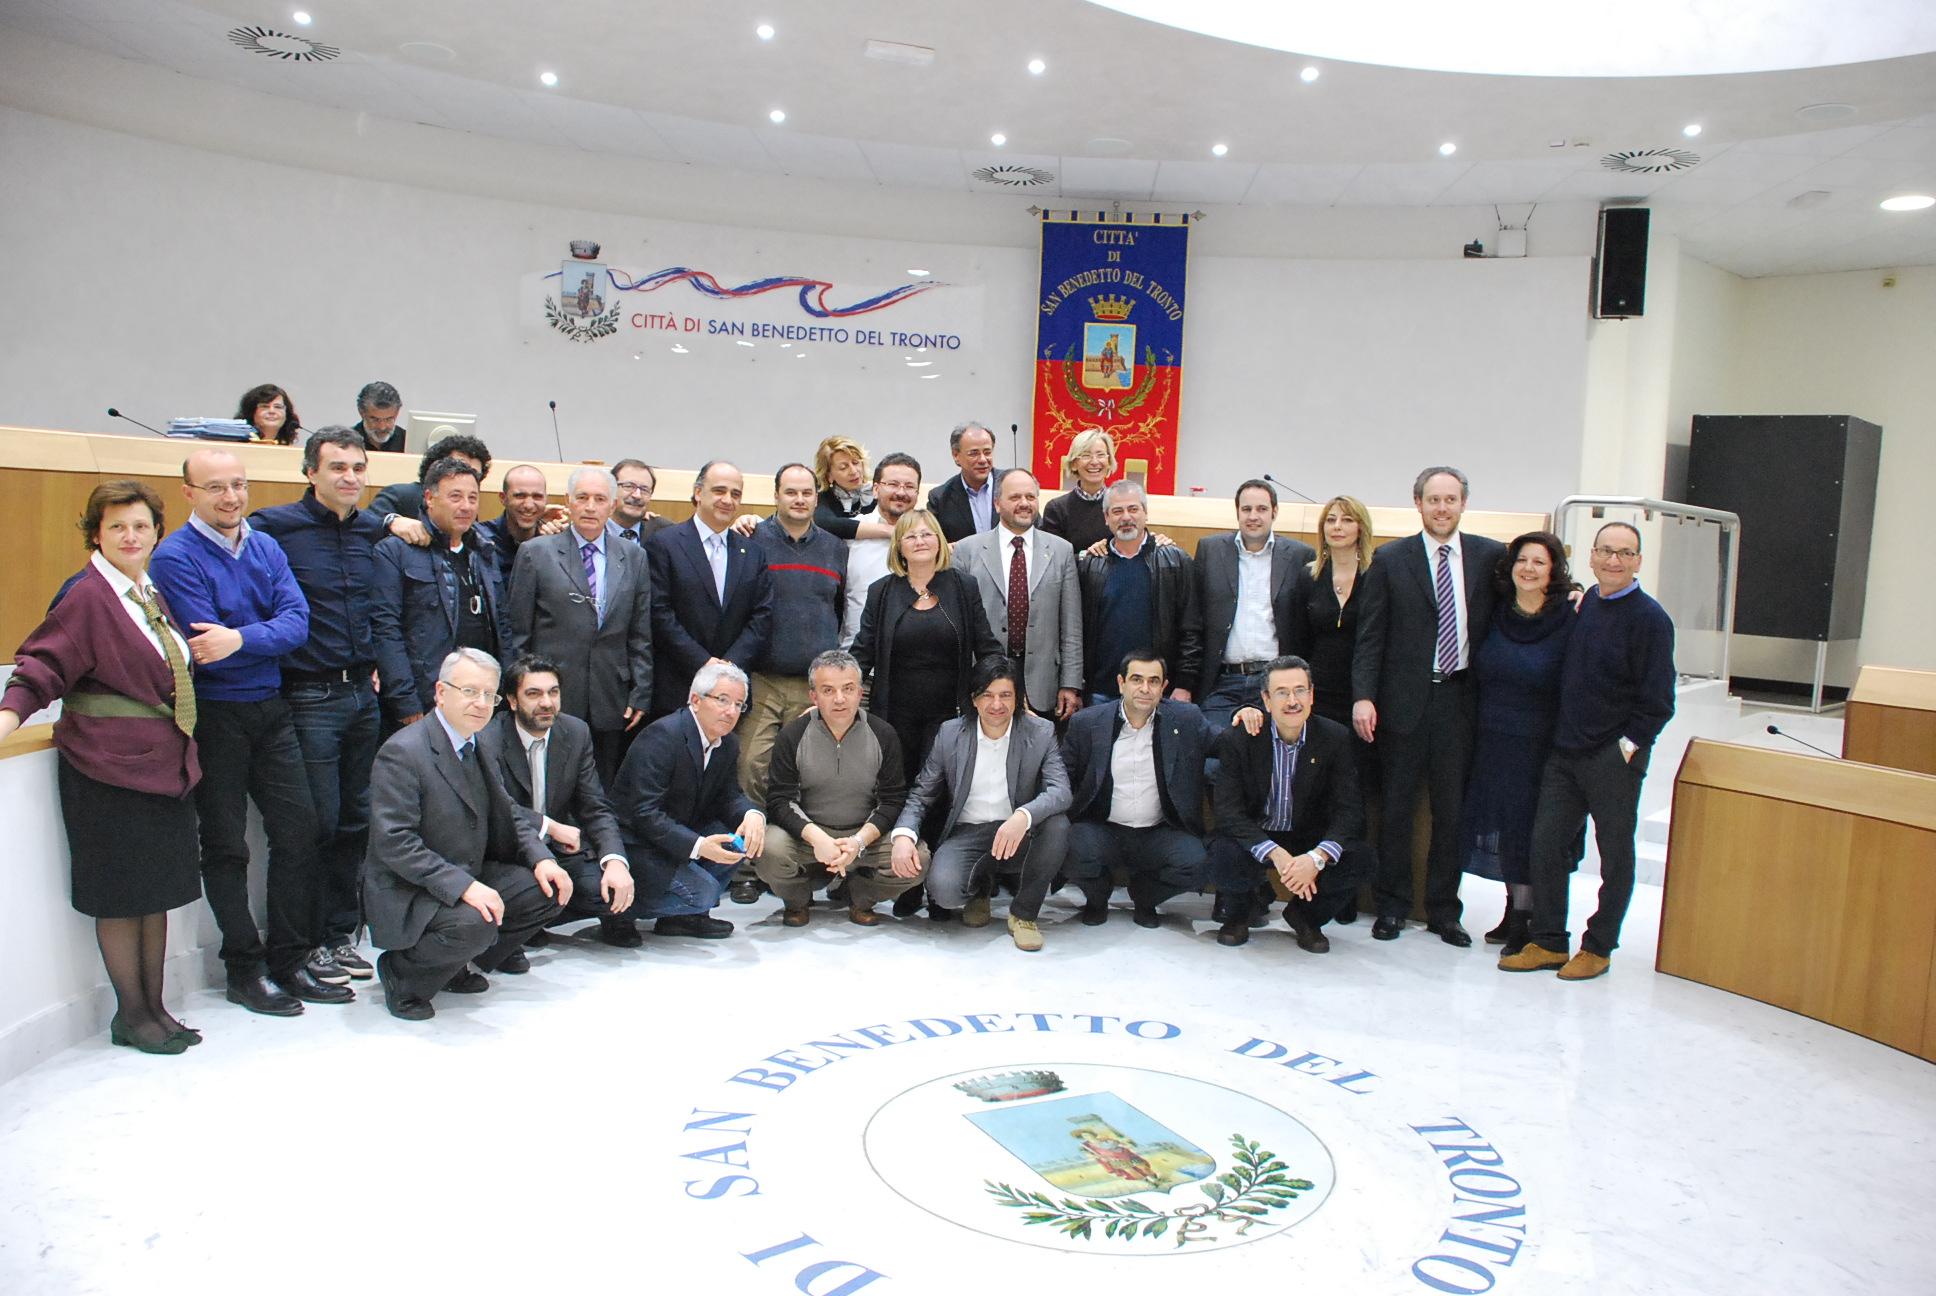 Foto di gruppo all'ultimo consiglio comunale